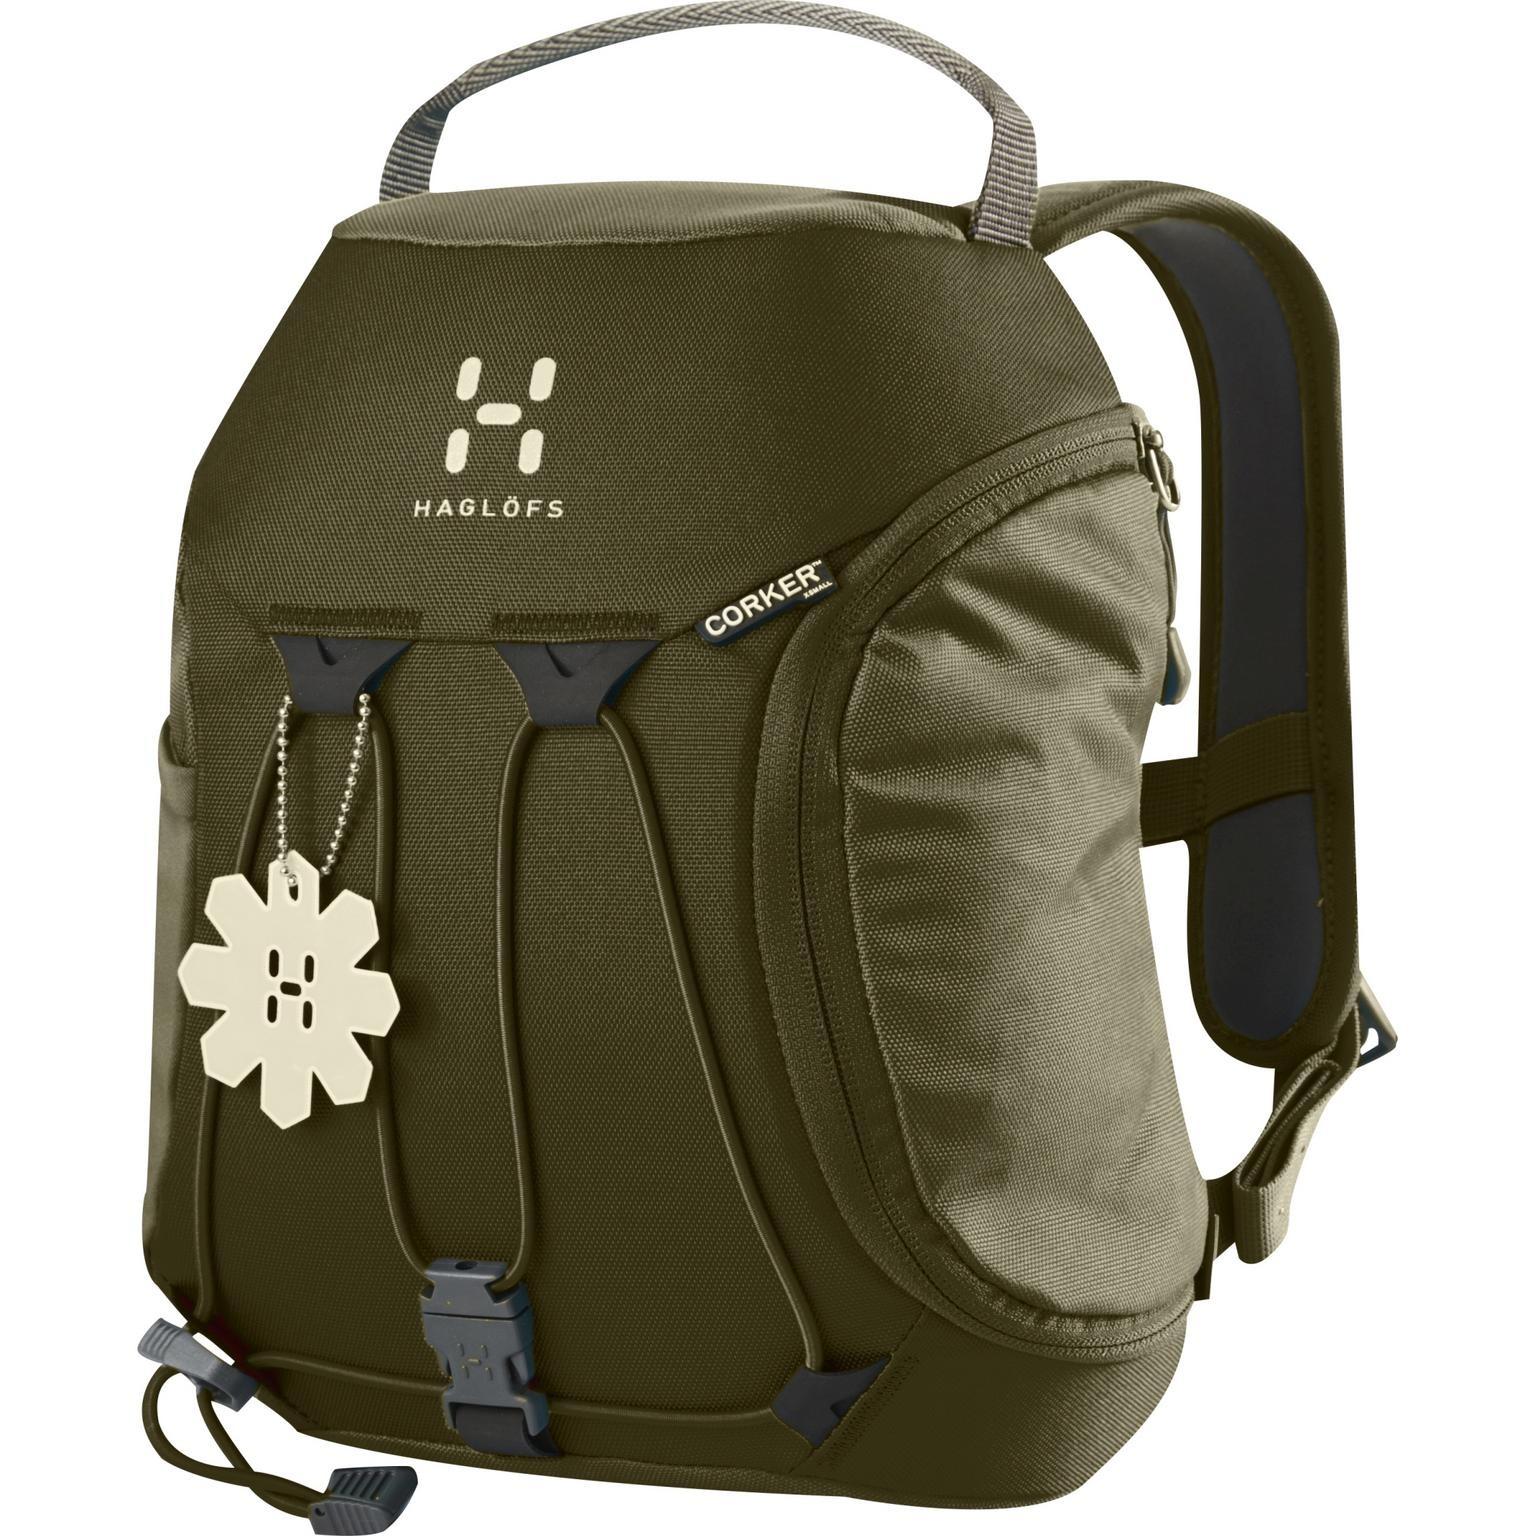 Corker XS 5L, rygsæk, Grøn | Travel bags